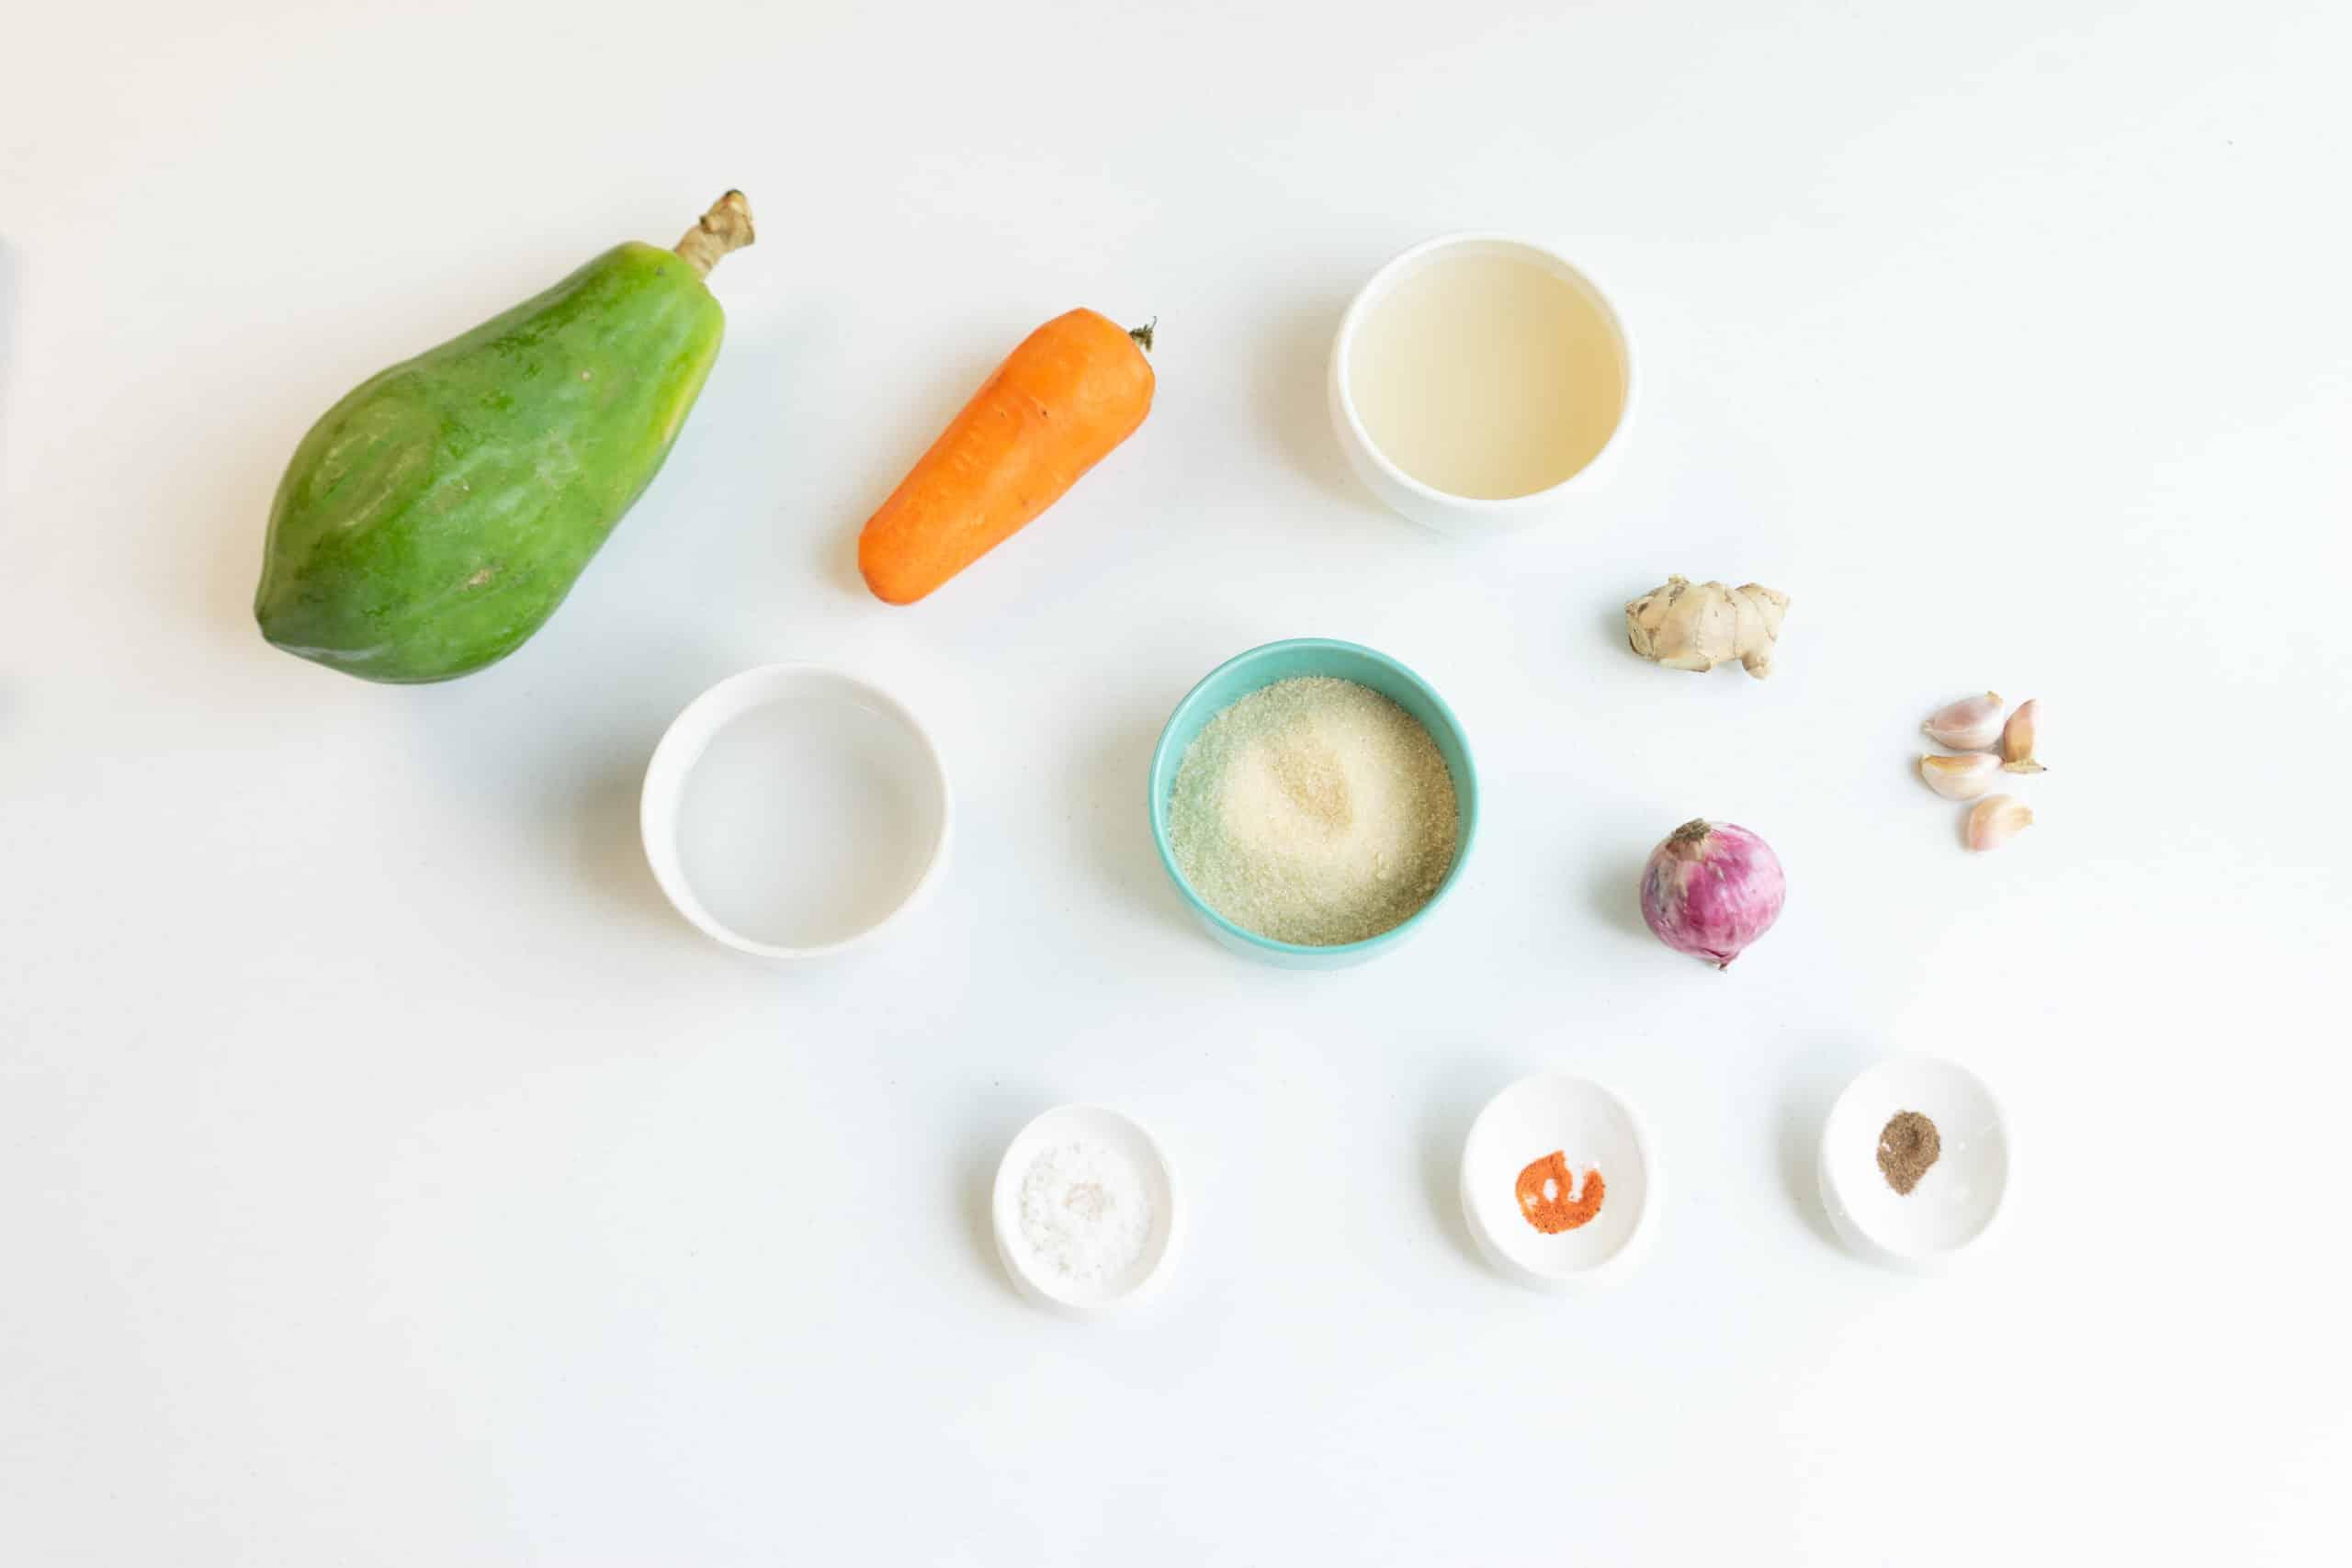 pickled green papaya relish or atsara ingredients